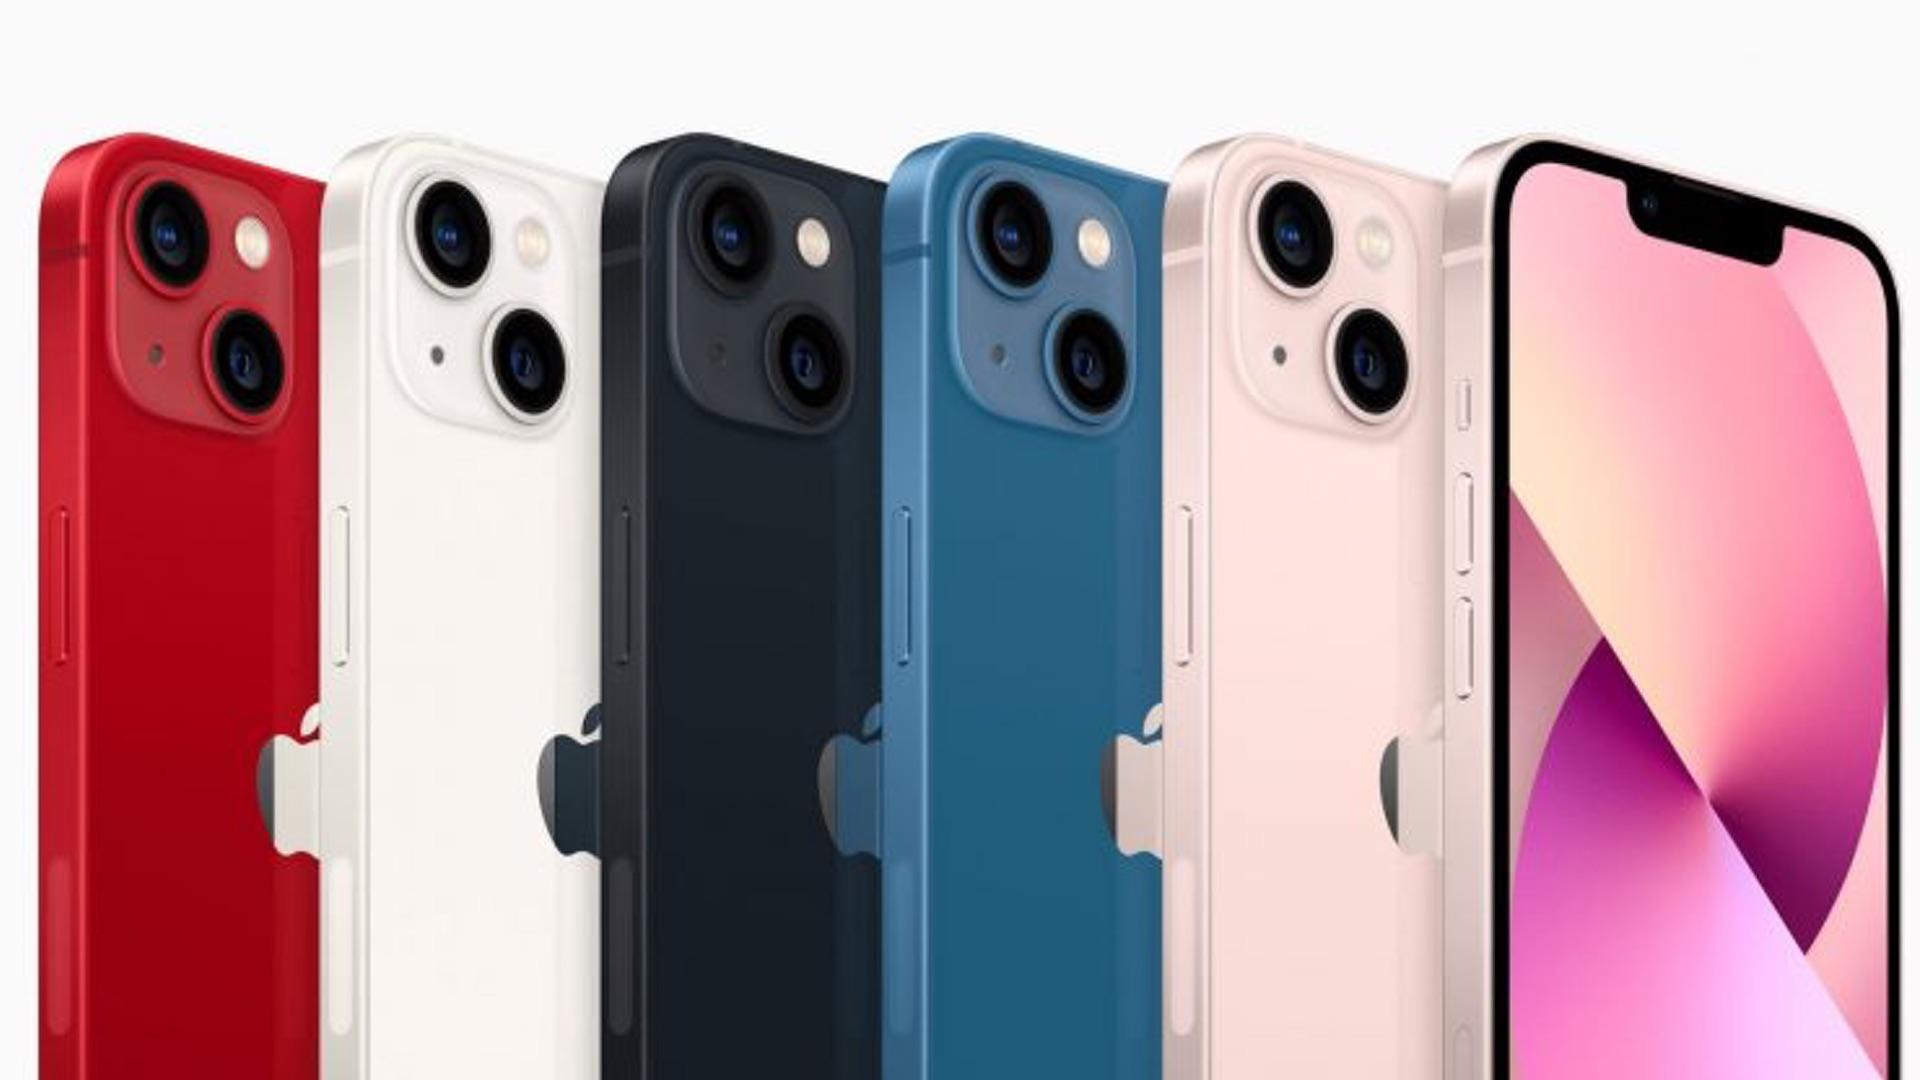 Porovnali jsme výdrž baterie u iPhone 13 s iPhone 12 a 11. Kdo je vítěz?